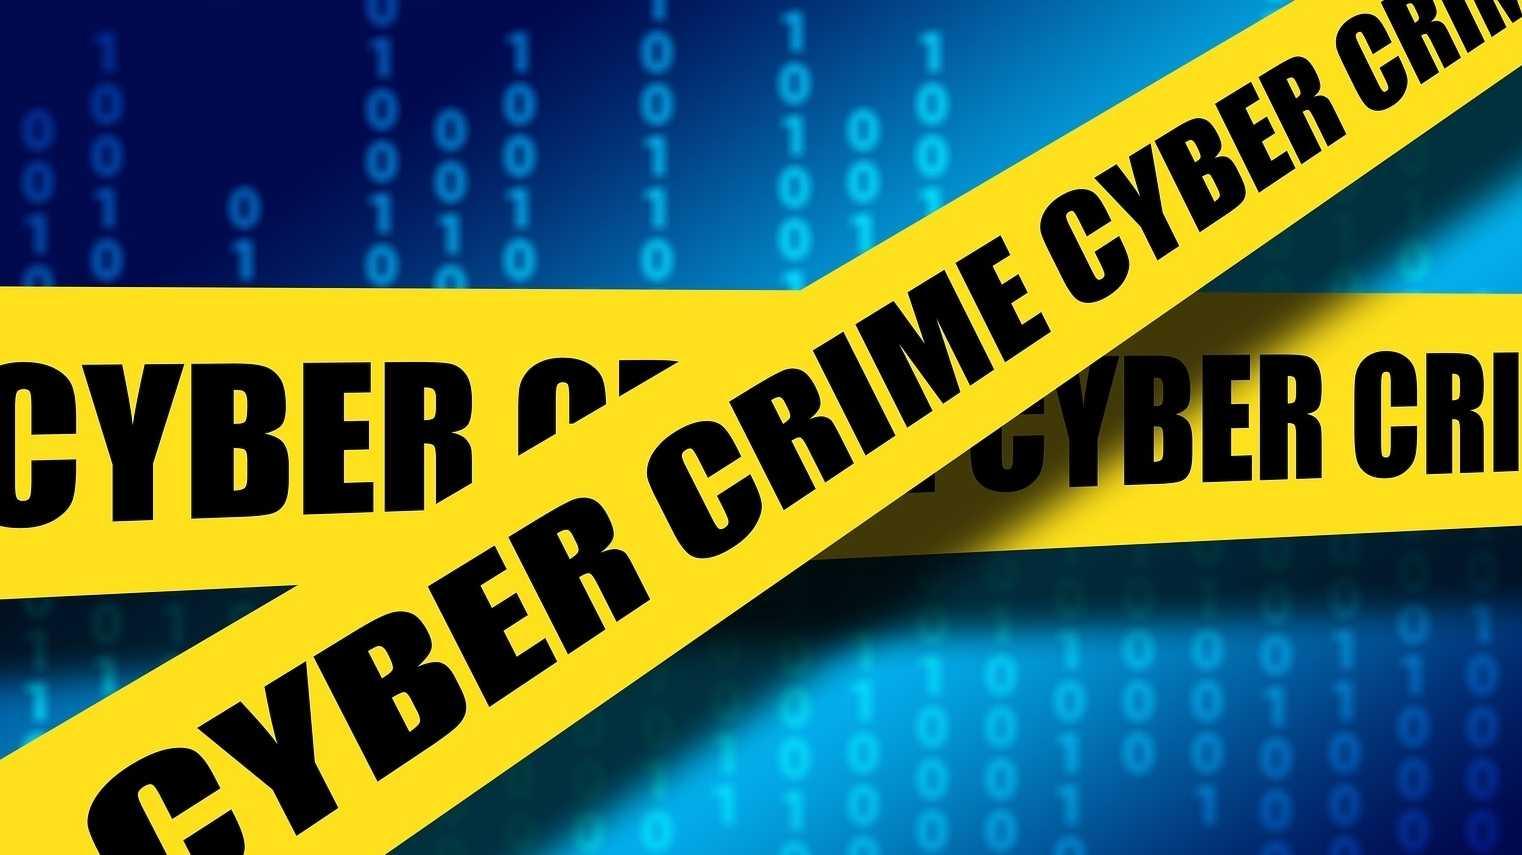 Verfassungsschutz alarmiert: Cyberangriffe auf deutsche Organisationen